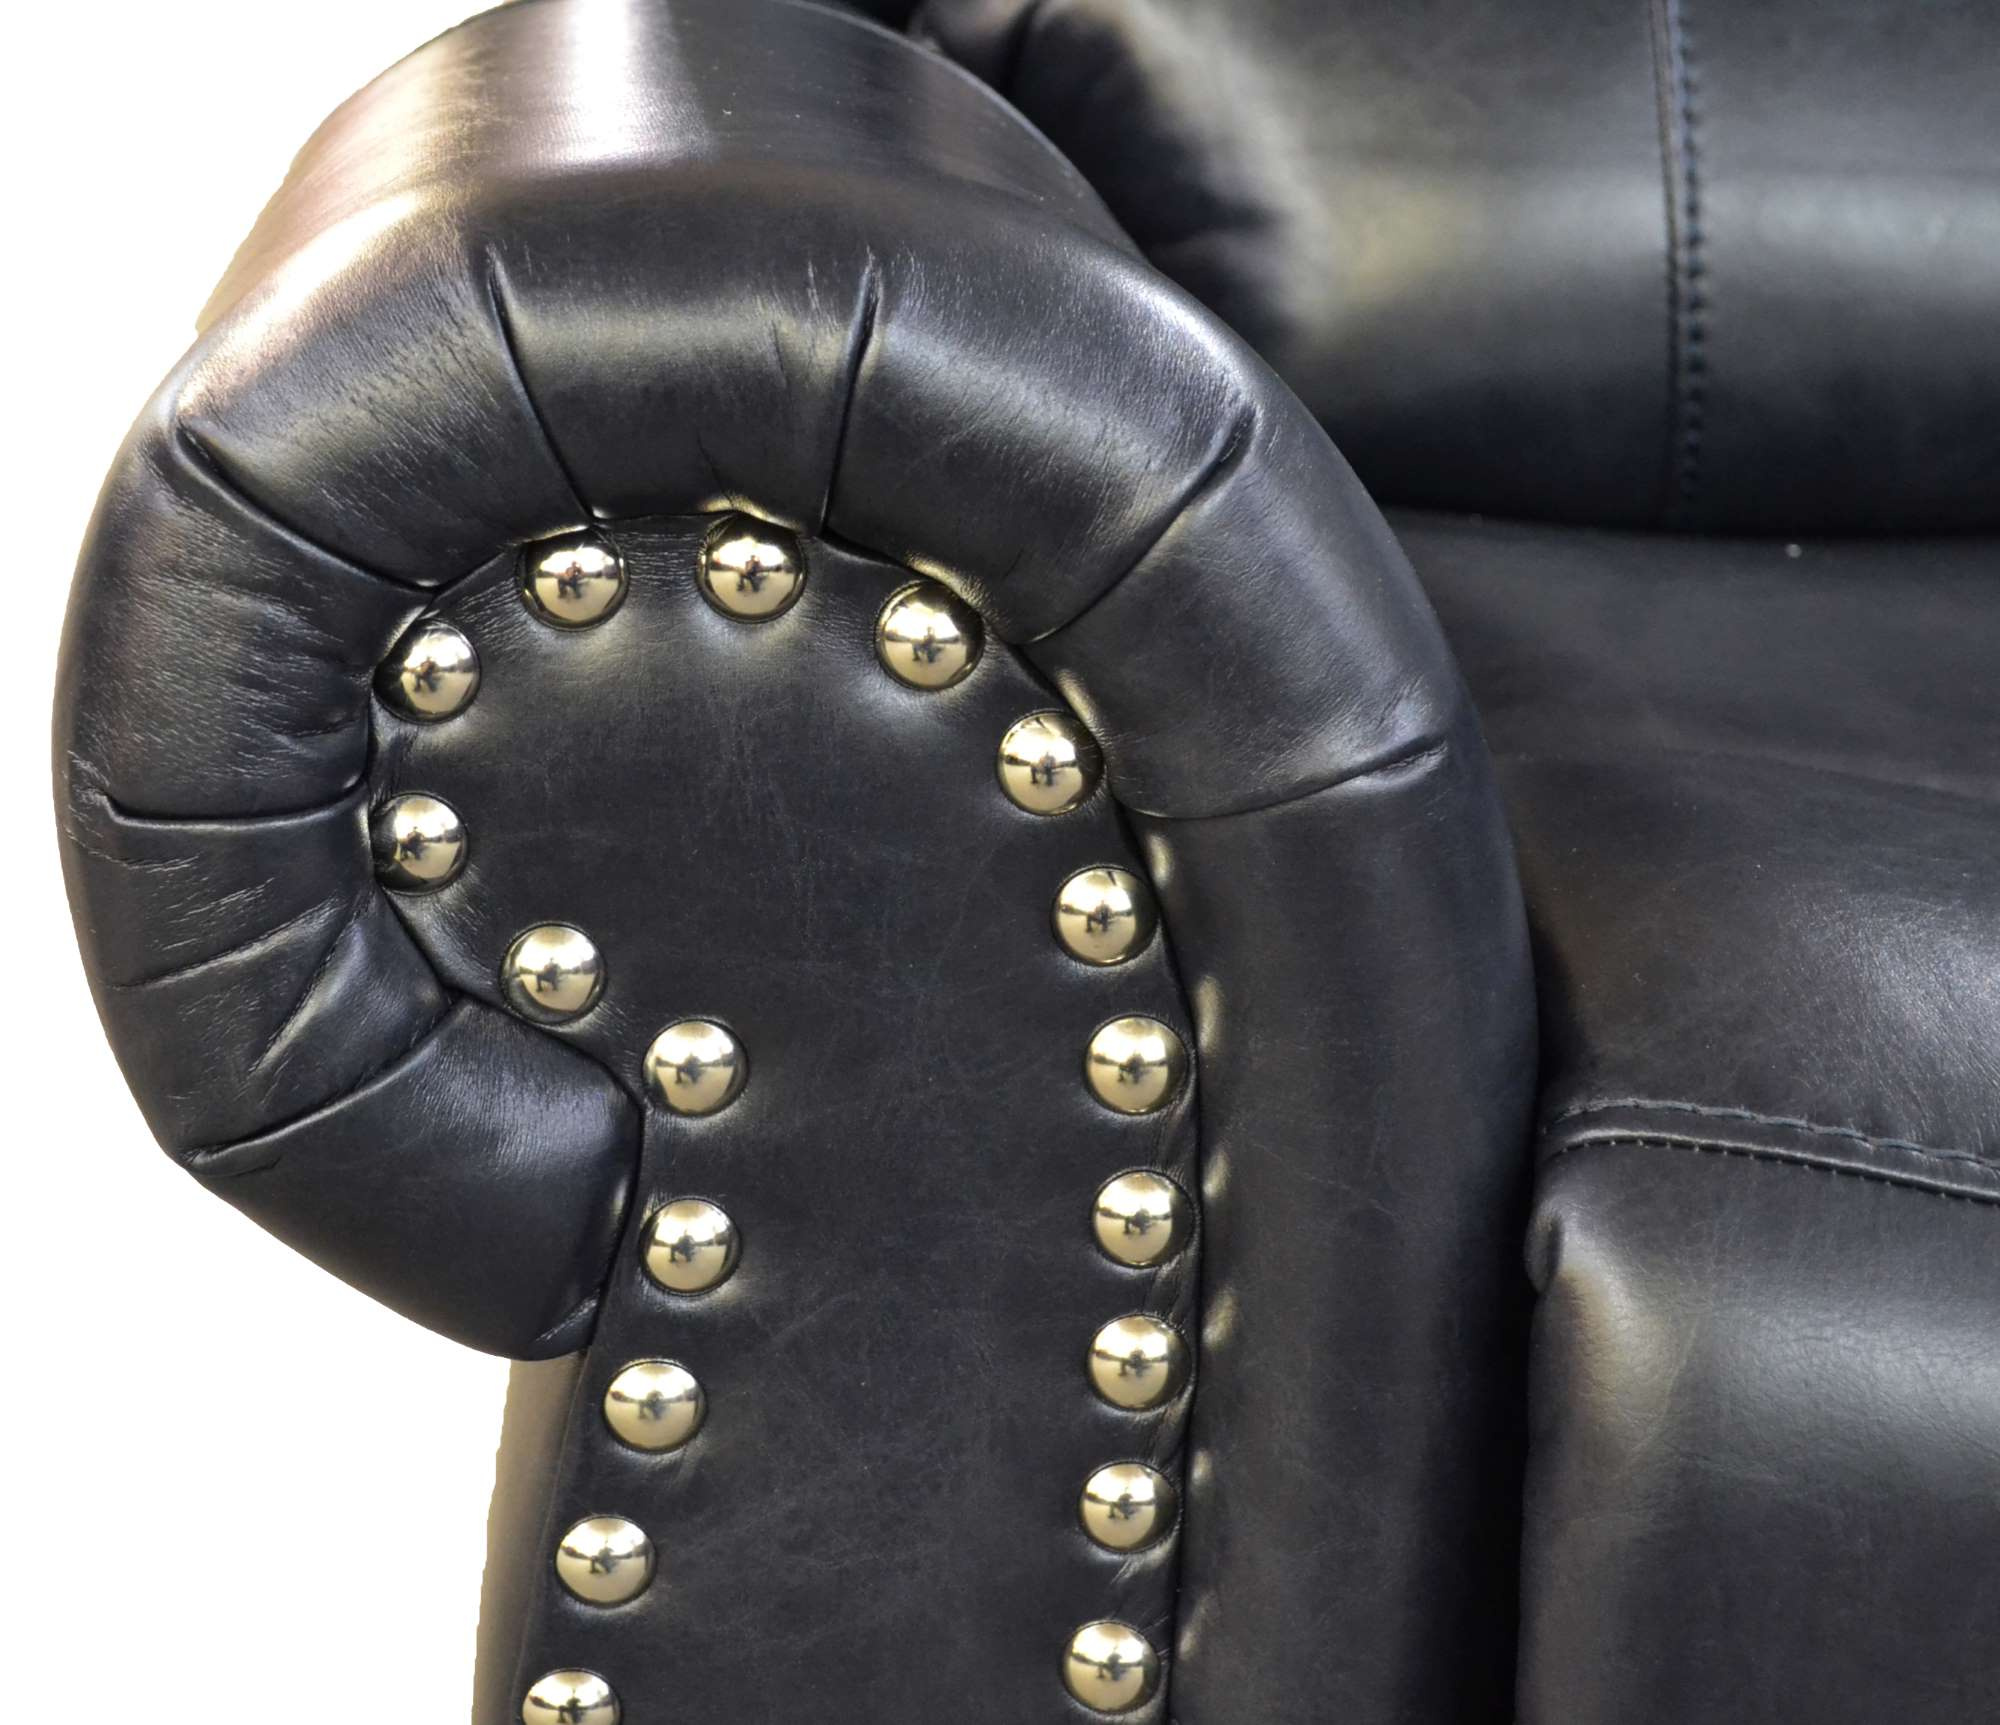 LRPX2508 Arm Detail